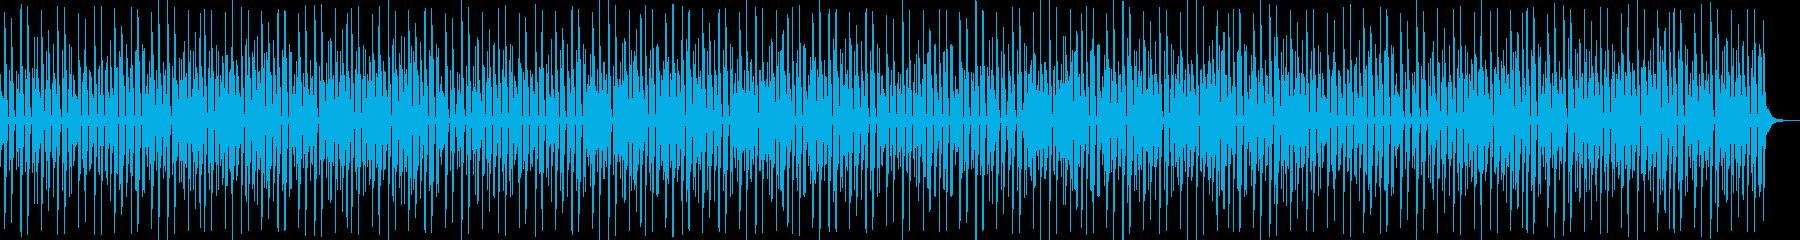 YouTubeボサノバ・カフェ・おしゃれの再生済みの波形